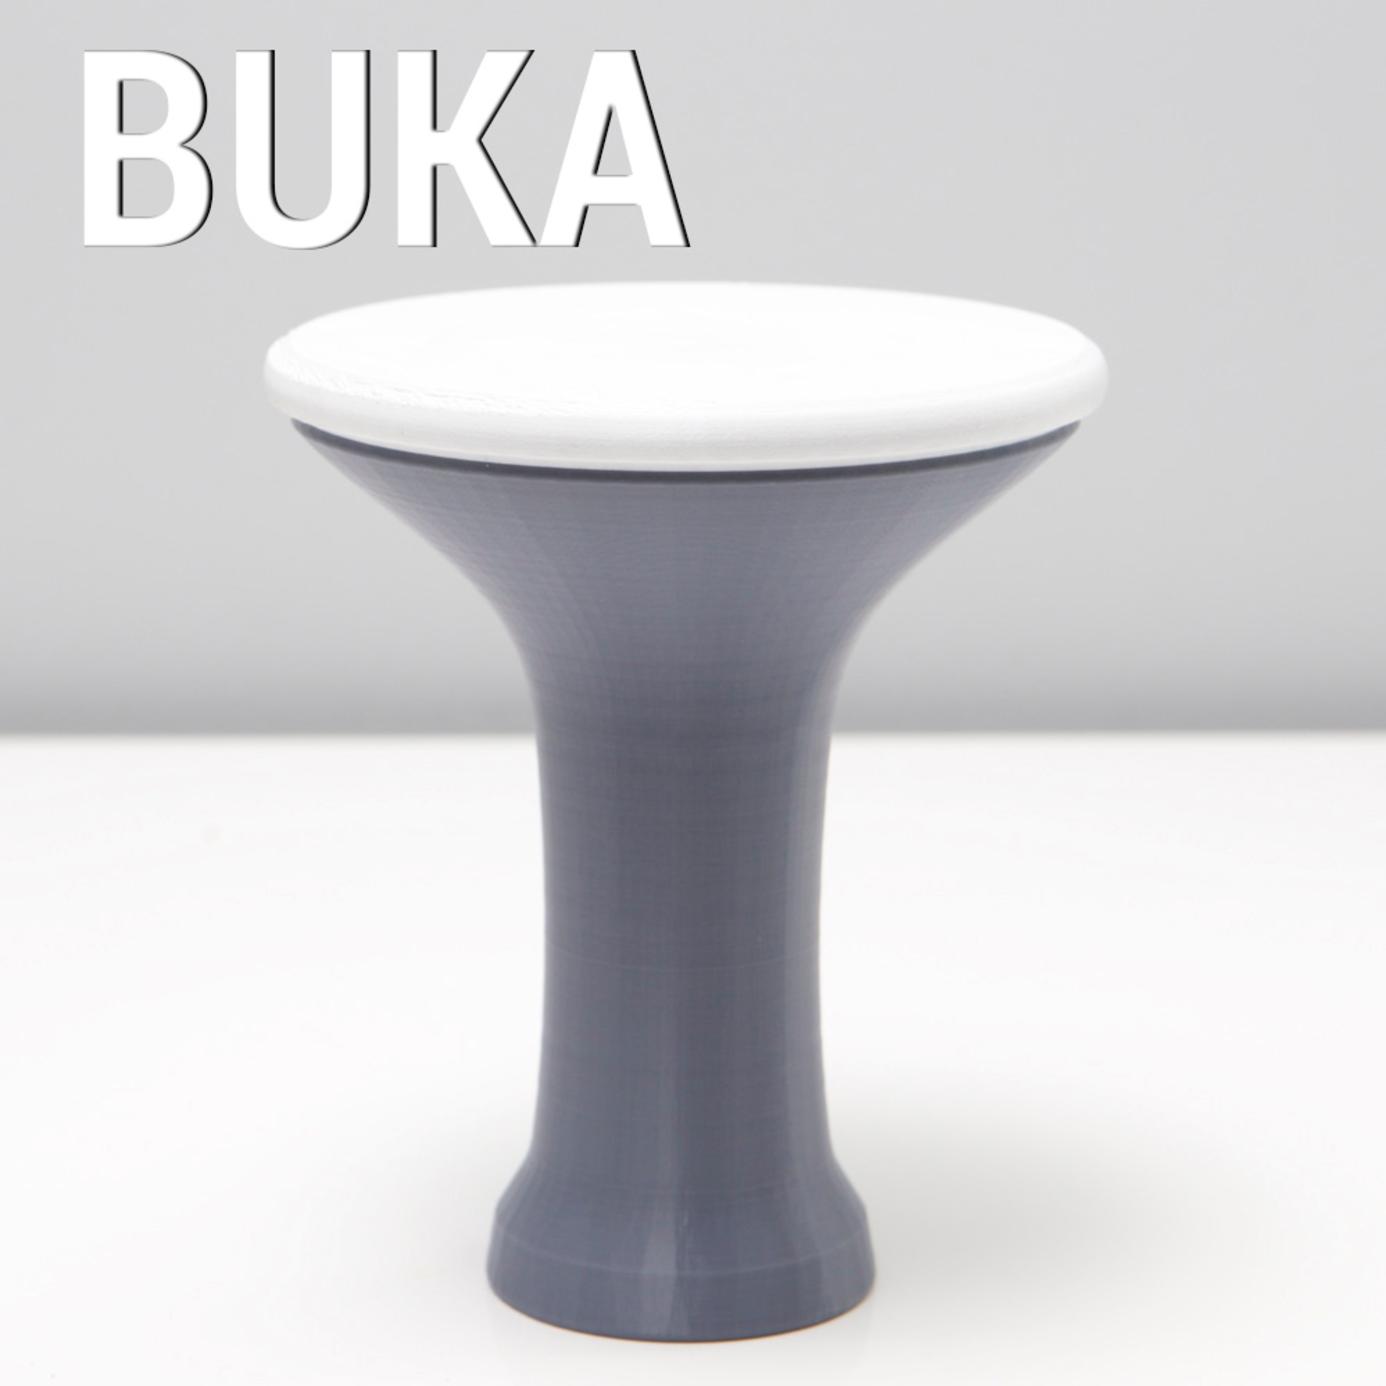 Capture d'écran 2017-07-26 à 18.25.19.png Download free STL file BUKA DRUM A • 3D printing template, 3DShook